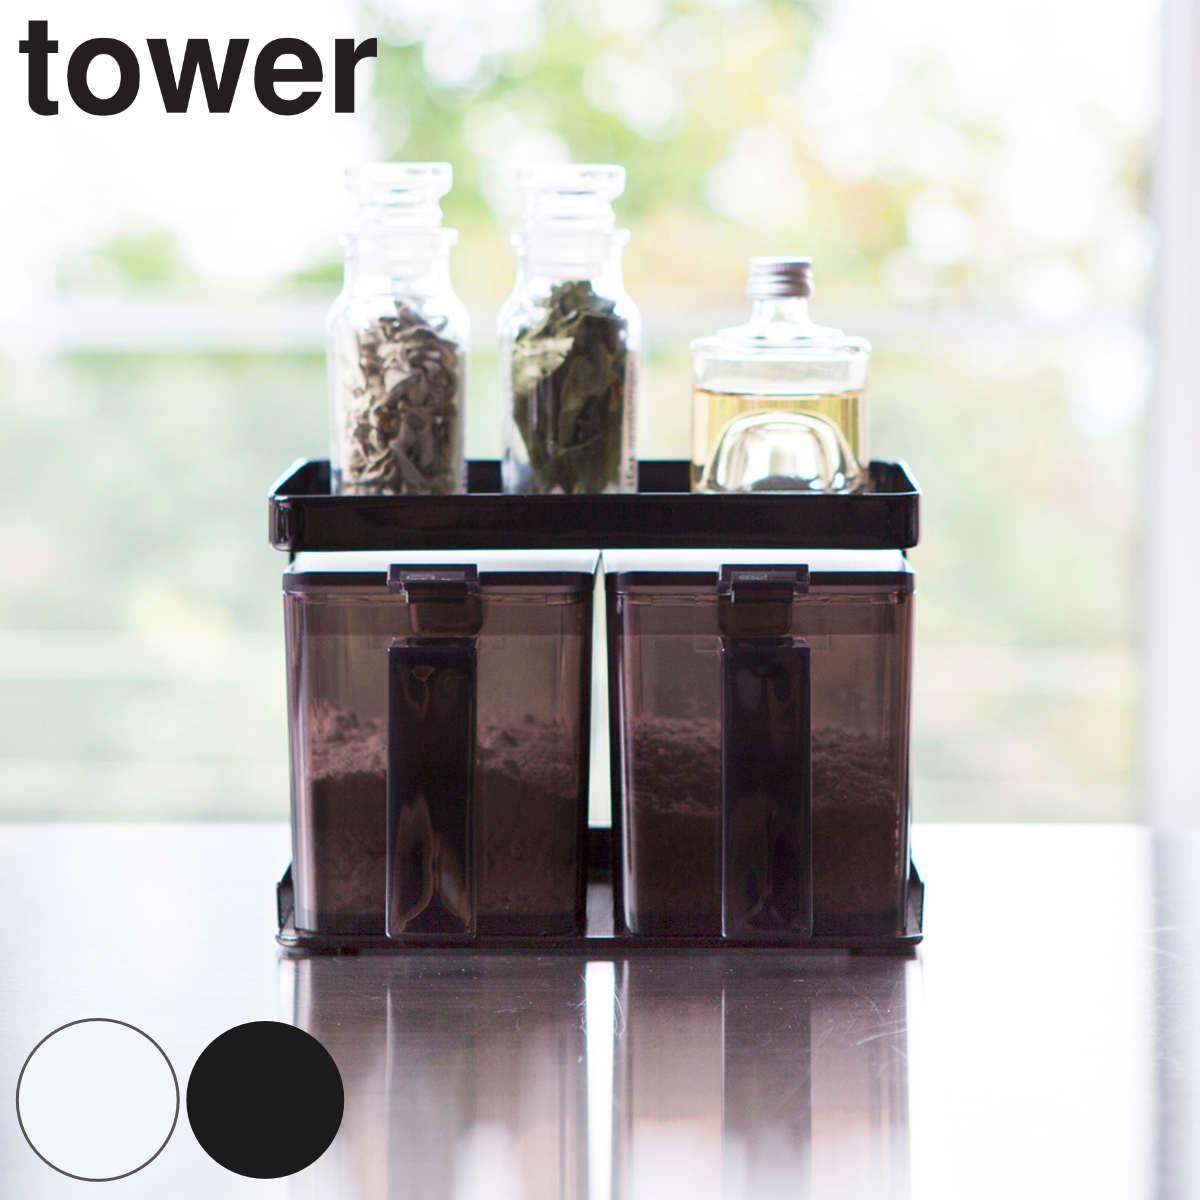 調味料ラック タワー tower 調味料ストッカー 2個組 キッチンスタンド スチール製 ( スパイスラック 調味料入れ キッチン 収納ラック 調味料棚 キッチンラック 整理棚 収納棚 山崎実業 )